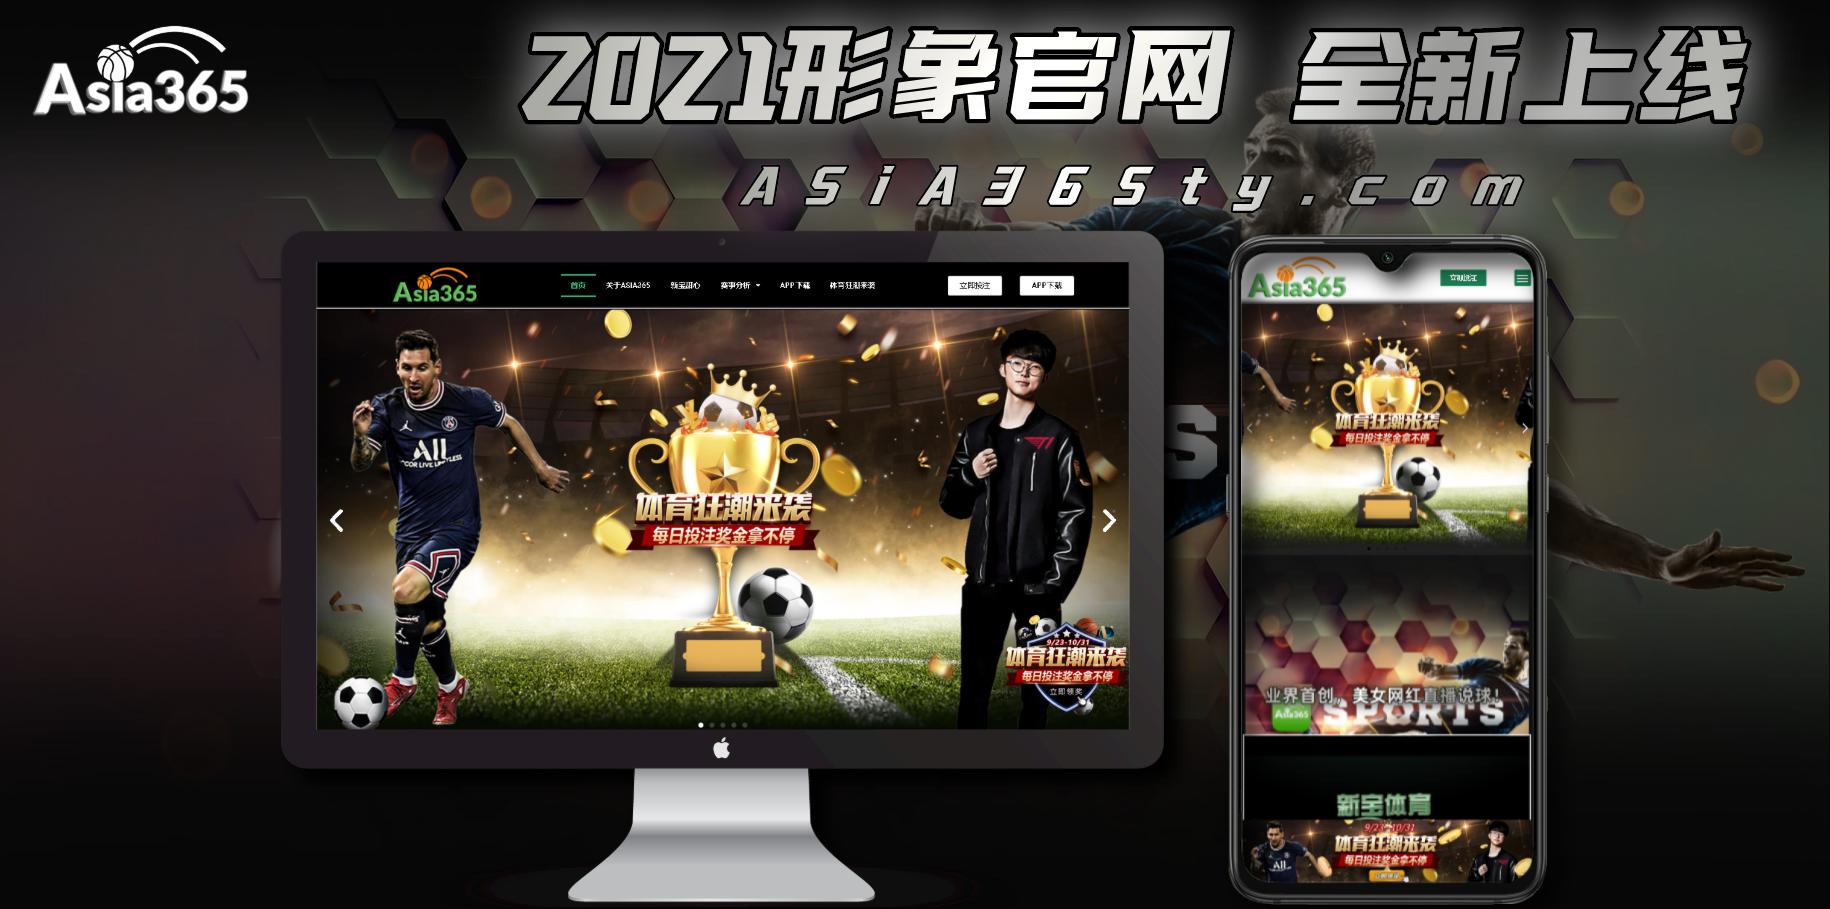 2021年度Asia365全面提升,甜美up主直播赛事,热情互动